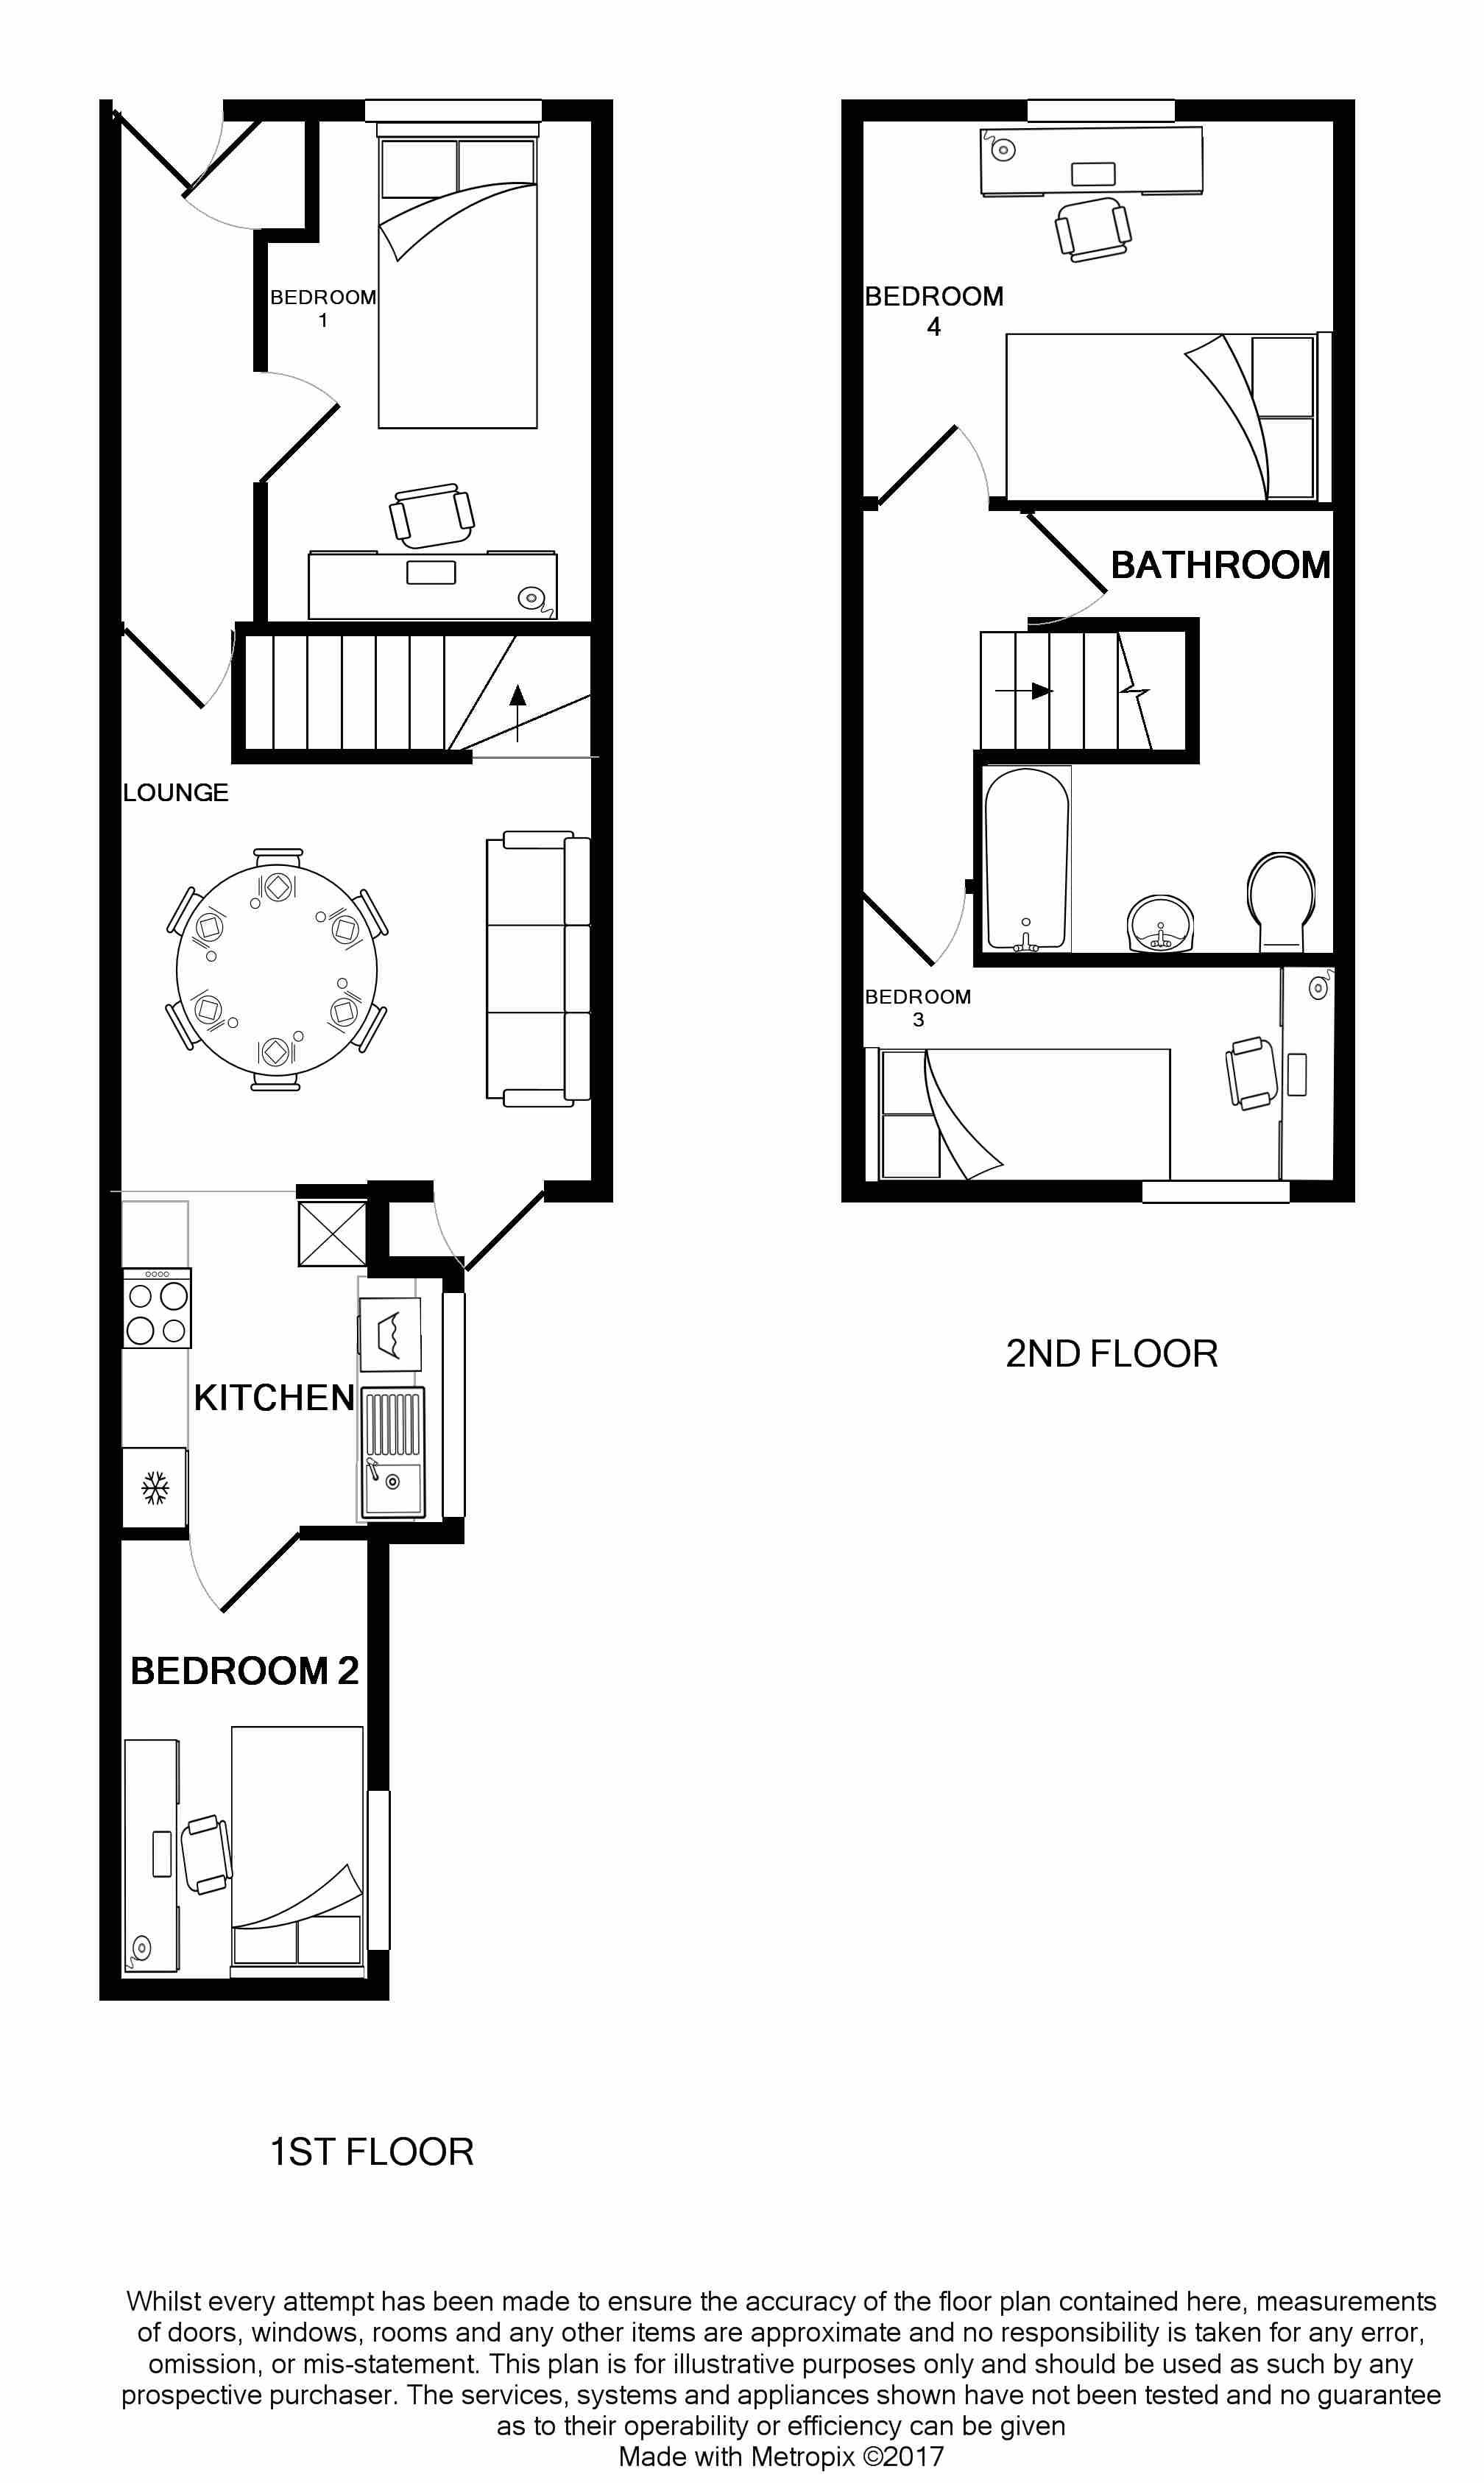 19 Carlton Road Floorplans